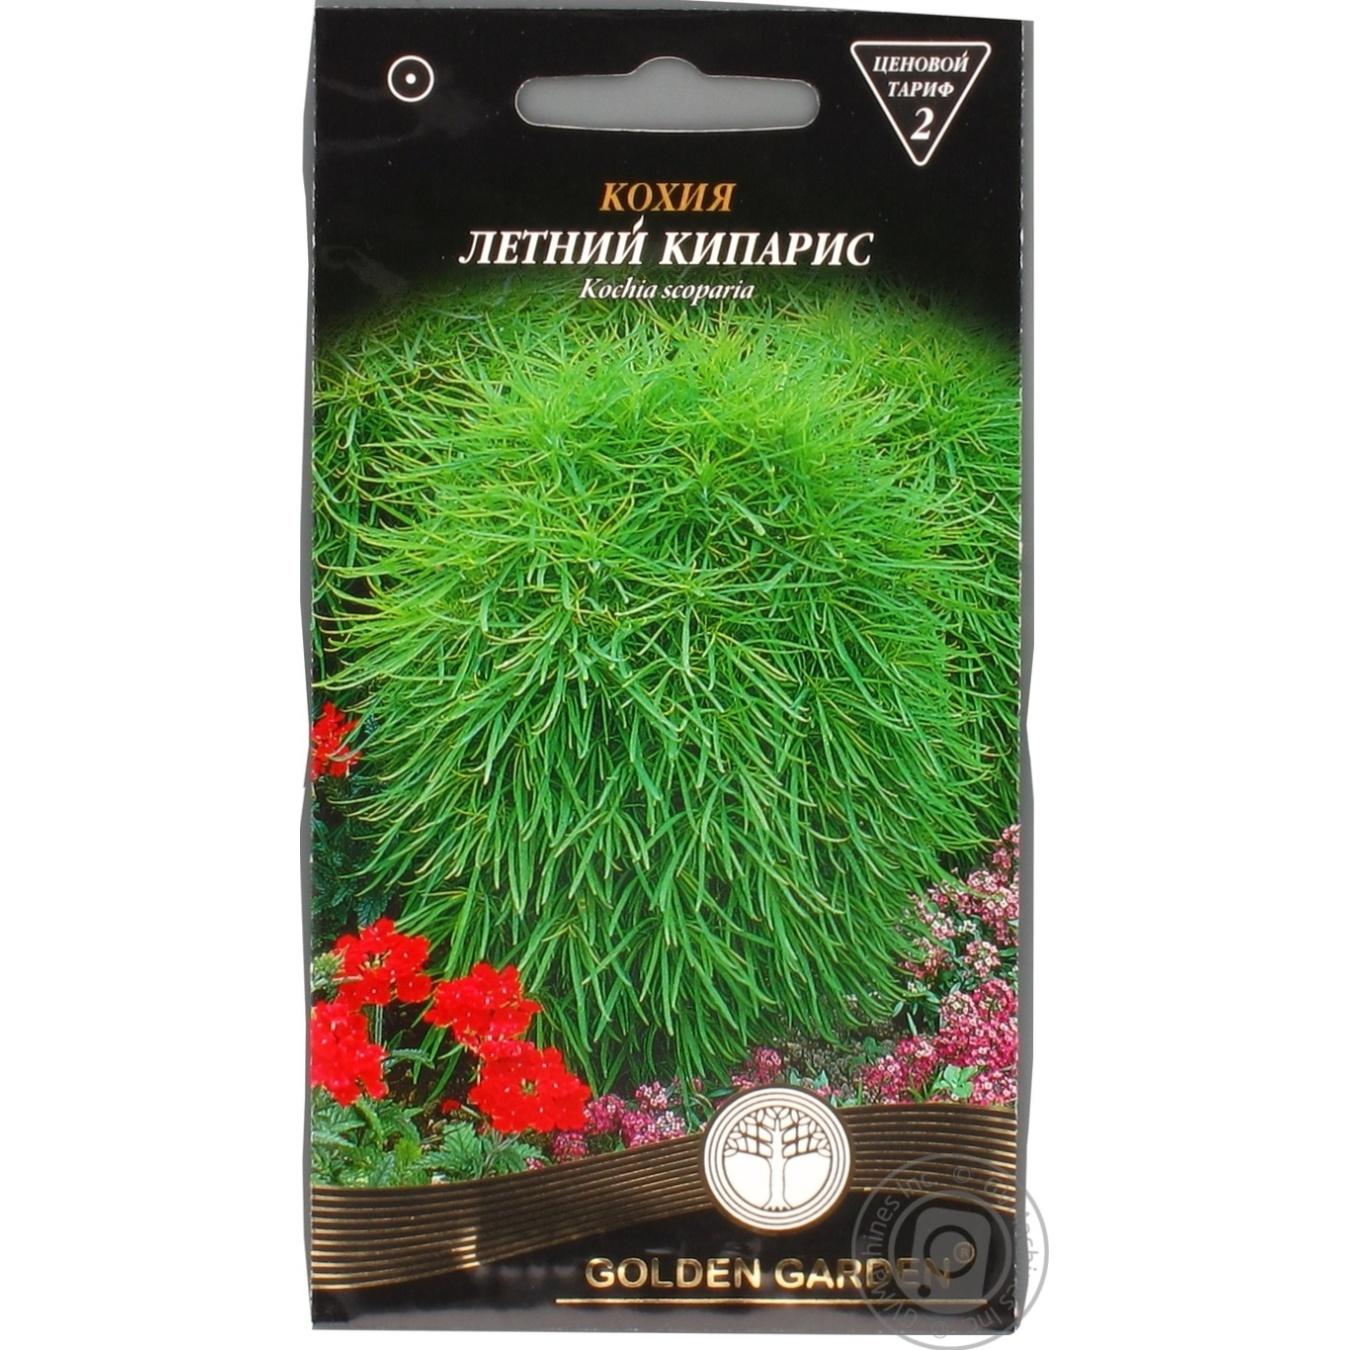 Насіння Квіти Кохія Літній кіпарис Golden Garden 0 c03d0f70b929b